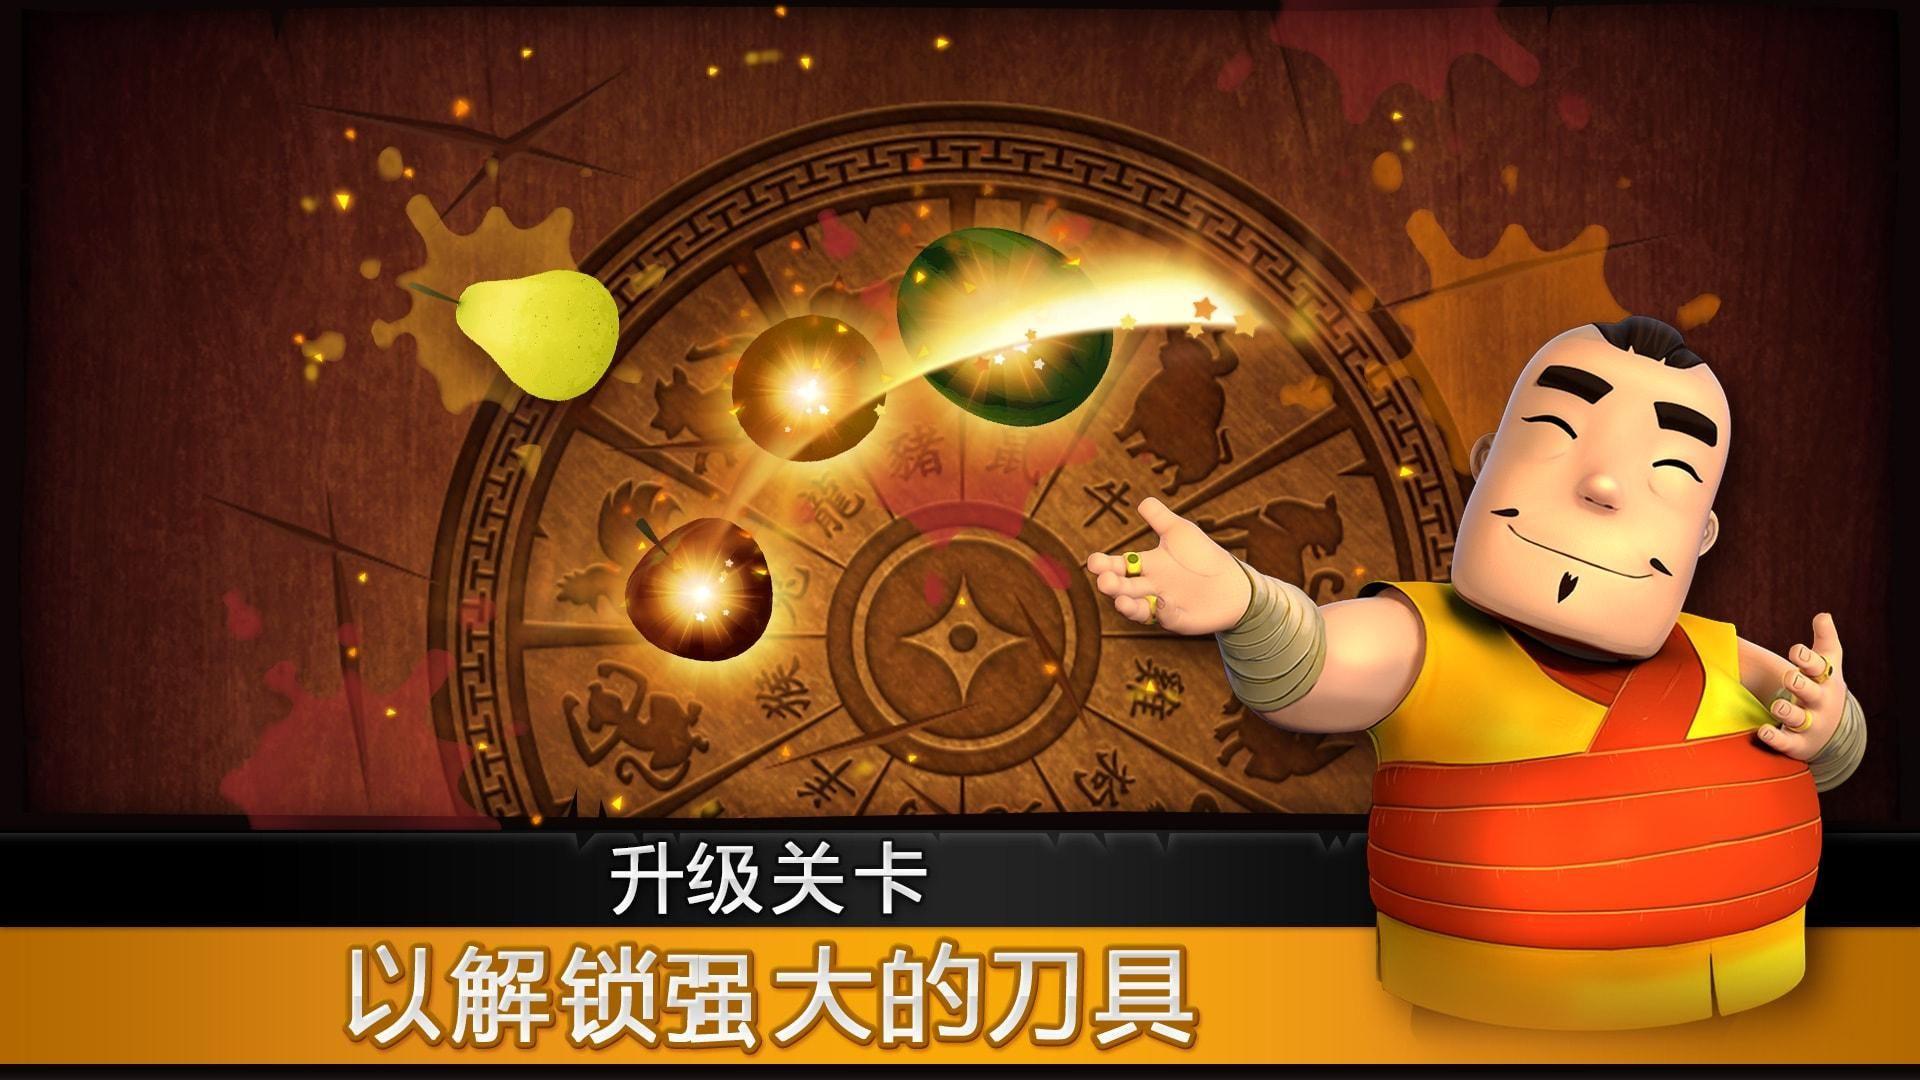 水果忍者® - 爽快切水果 游戏截图2